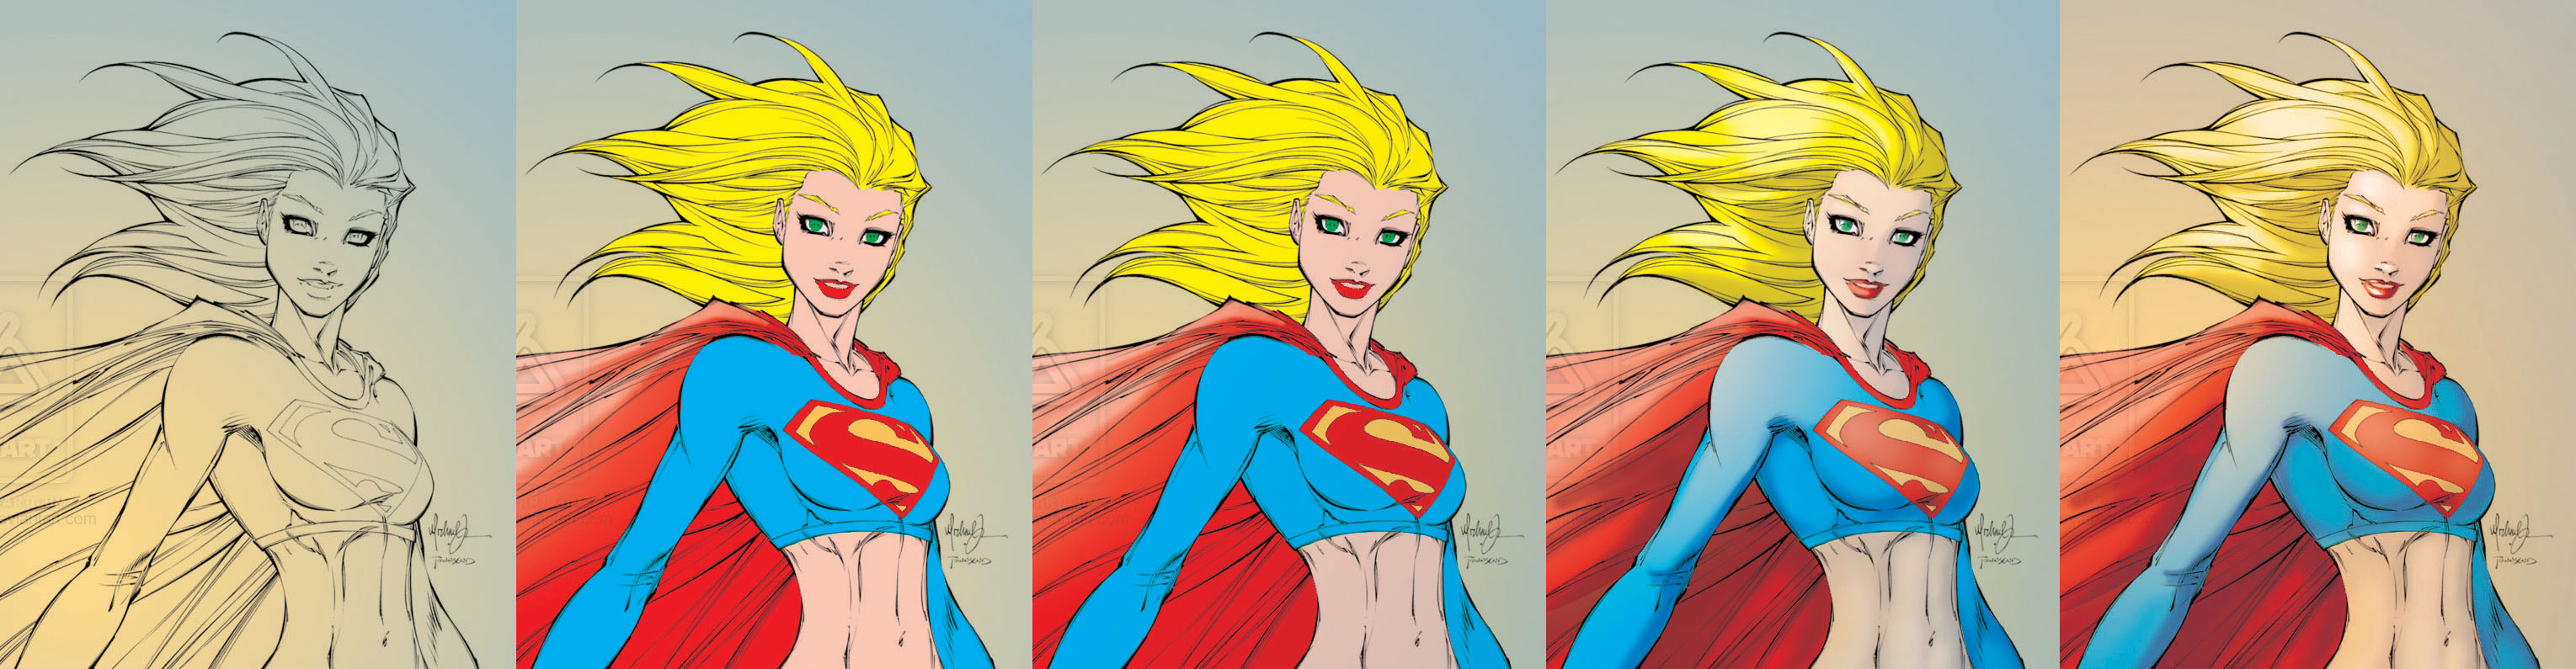 Digital Art coloring #15, Download drawings